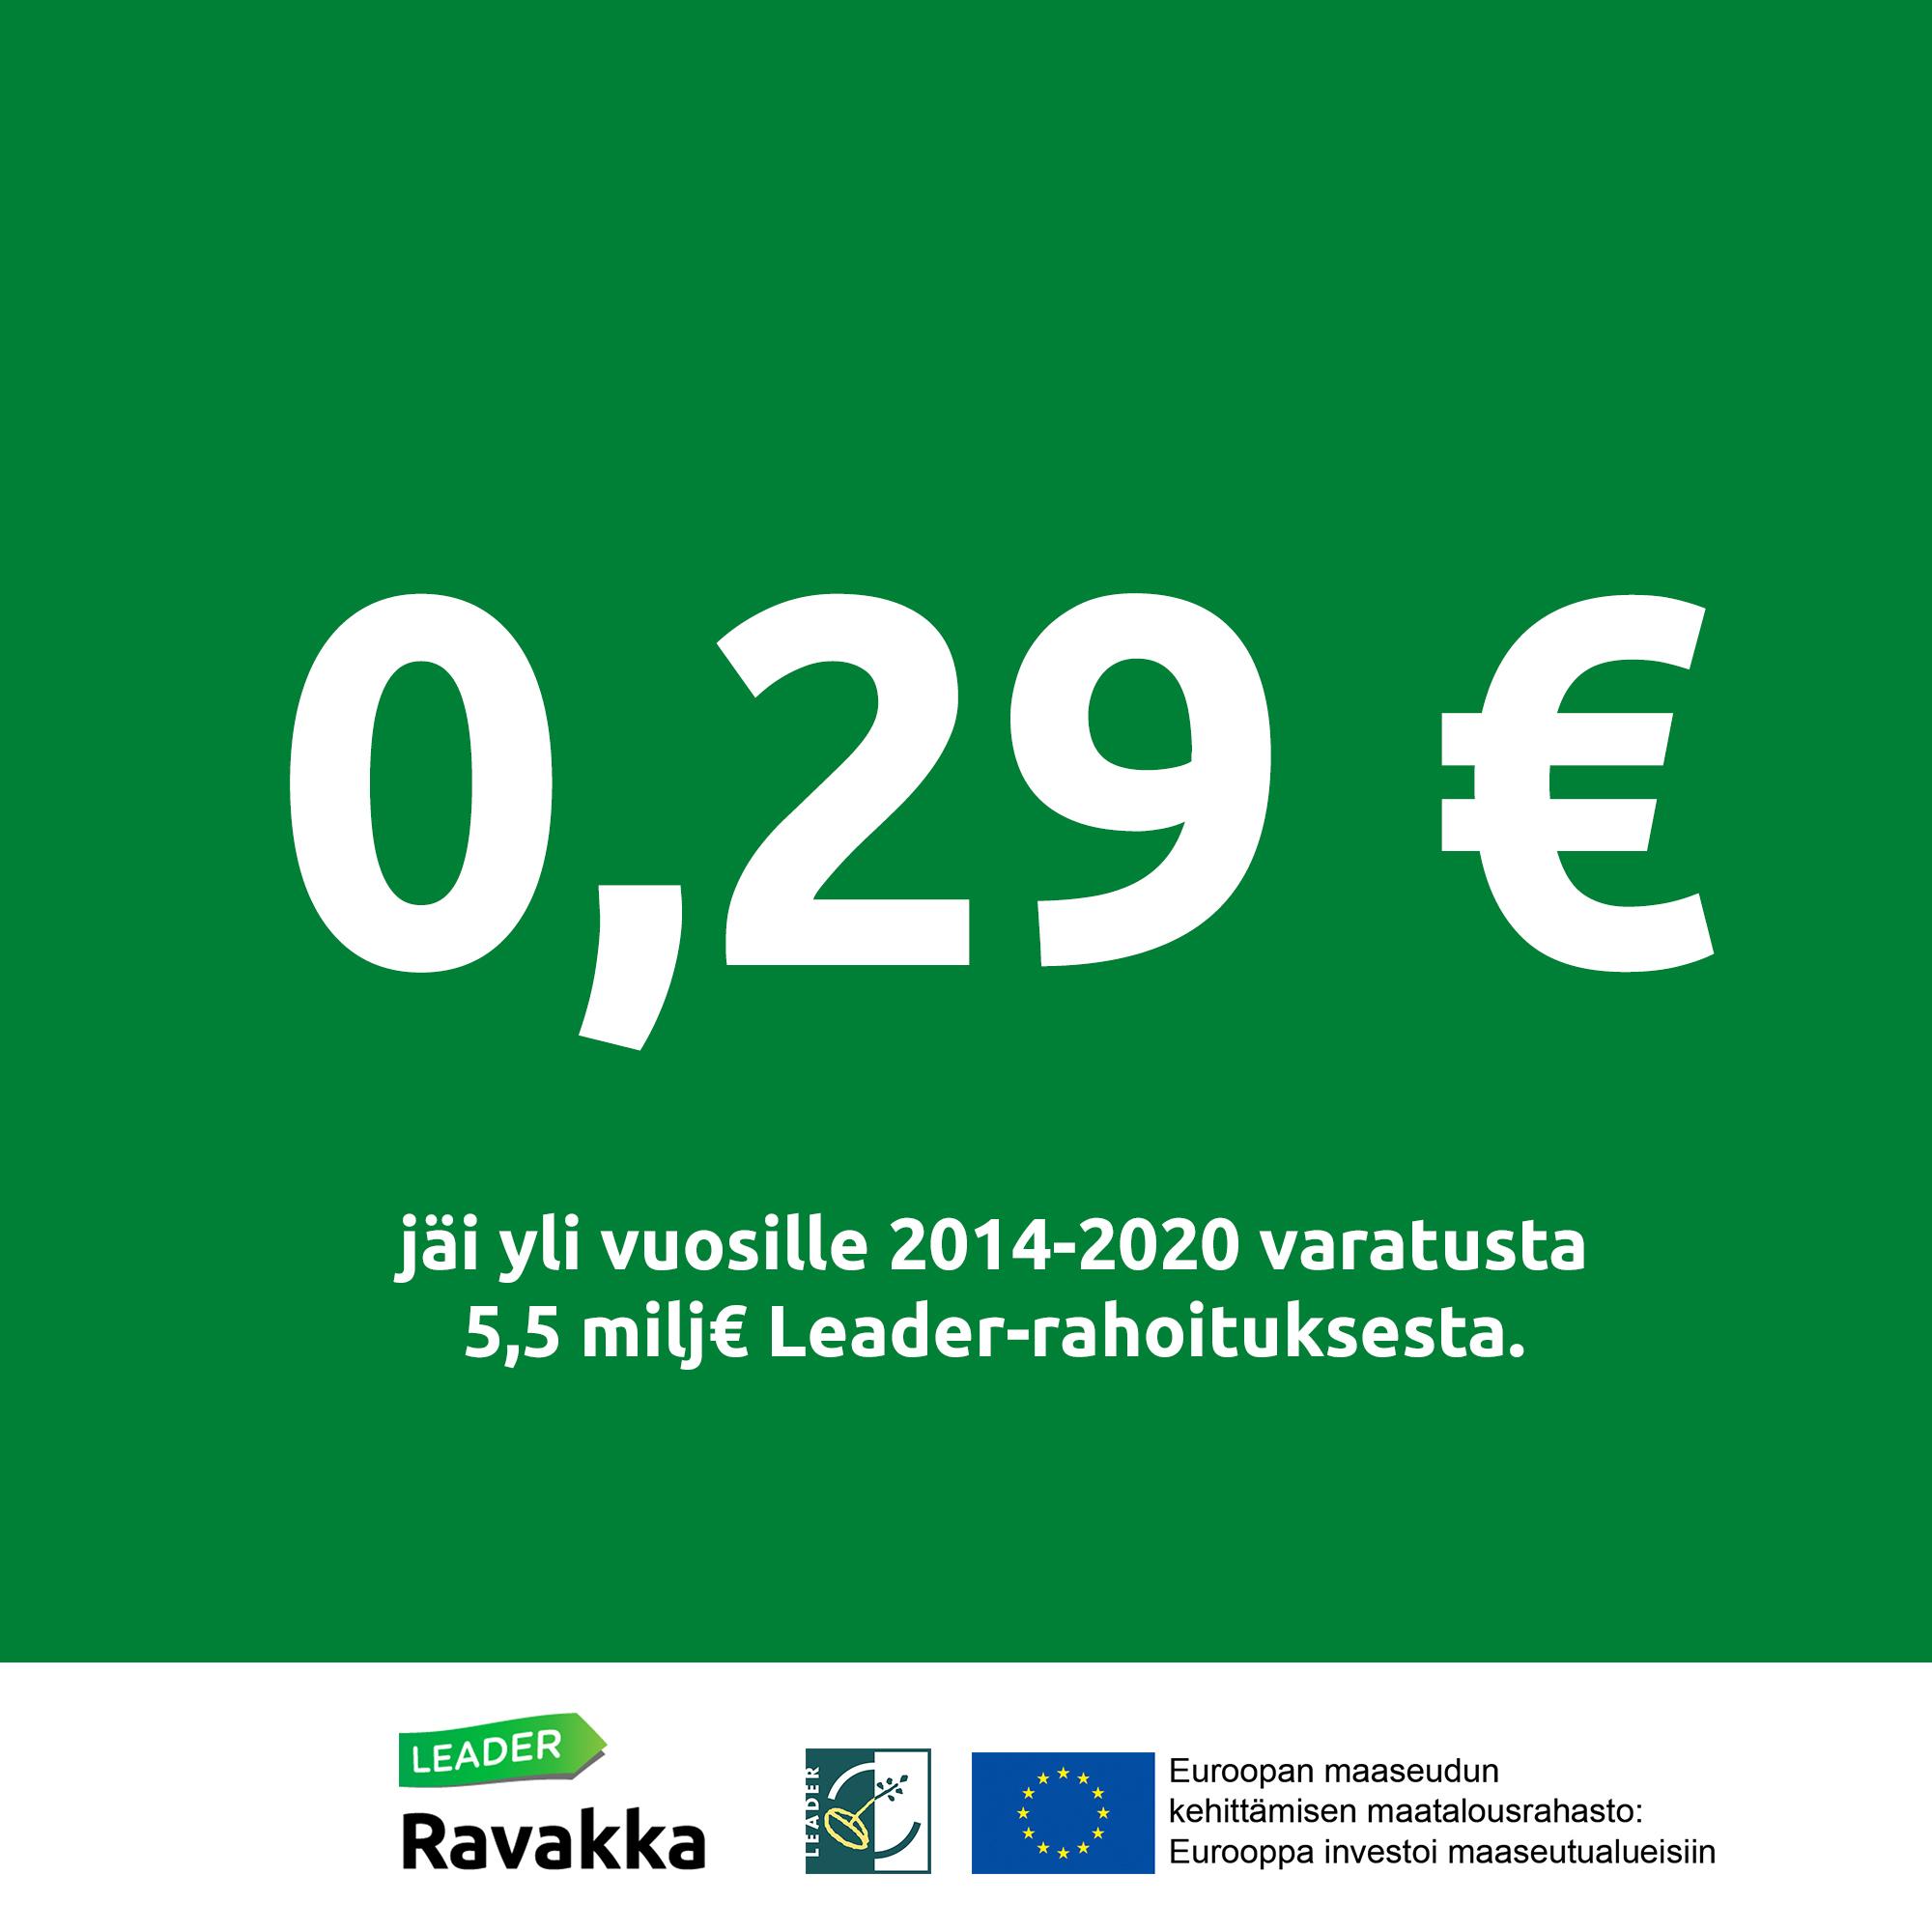 Kuvassa teksti 0,29 euroa jäi yli 5,5 miljoonan Leader-rahoituksesta